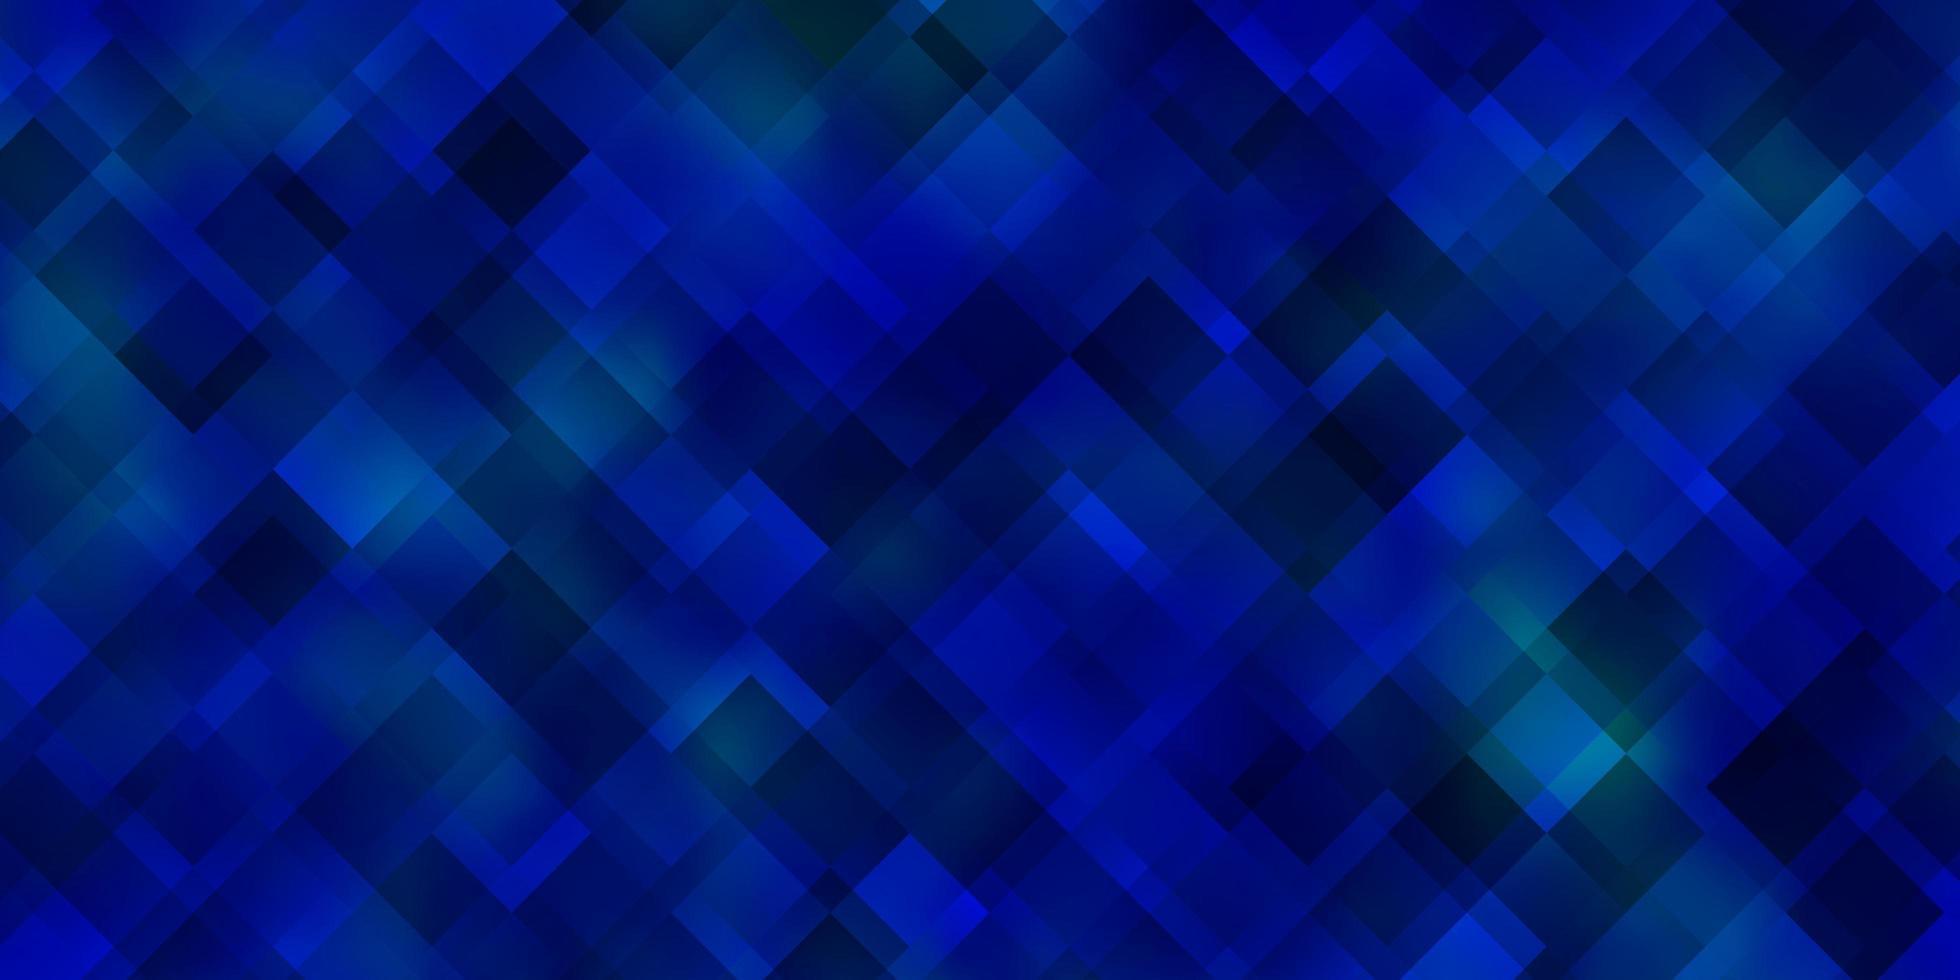 fundo azul em estilo poligonal. vetor